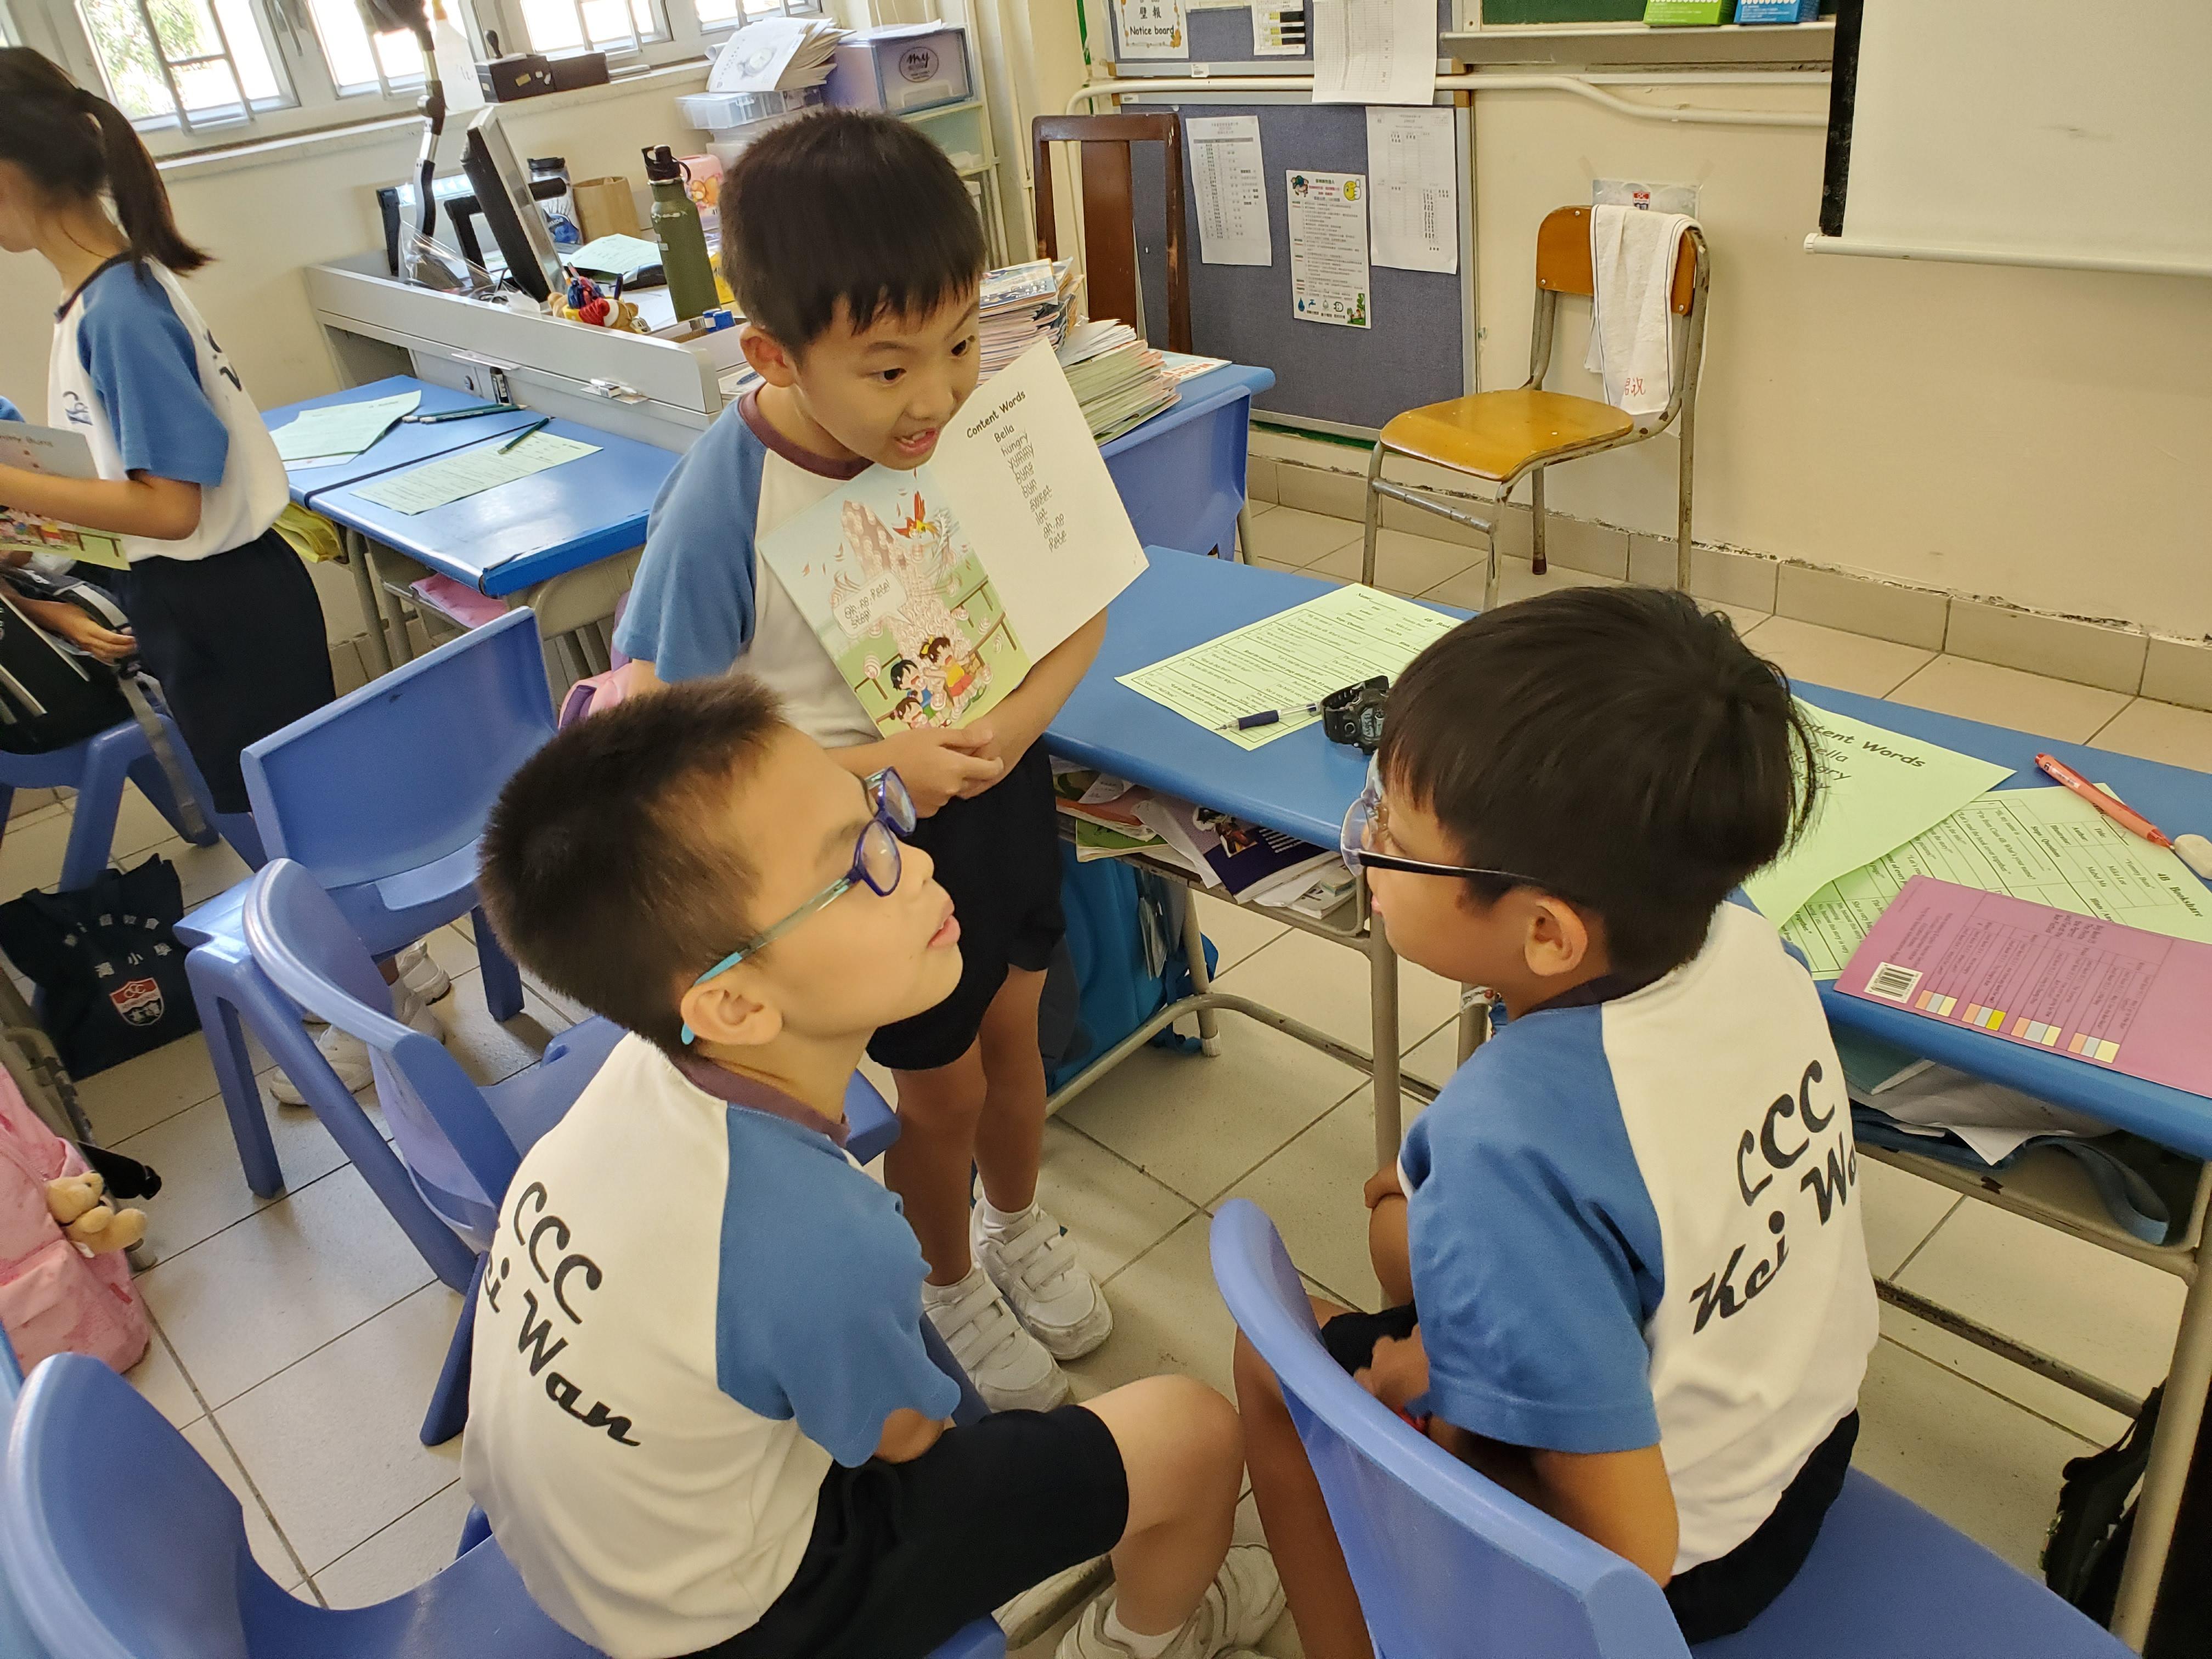 http://www.keiwan.edu.hk/sites/default/files/37_1.jpg